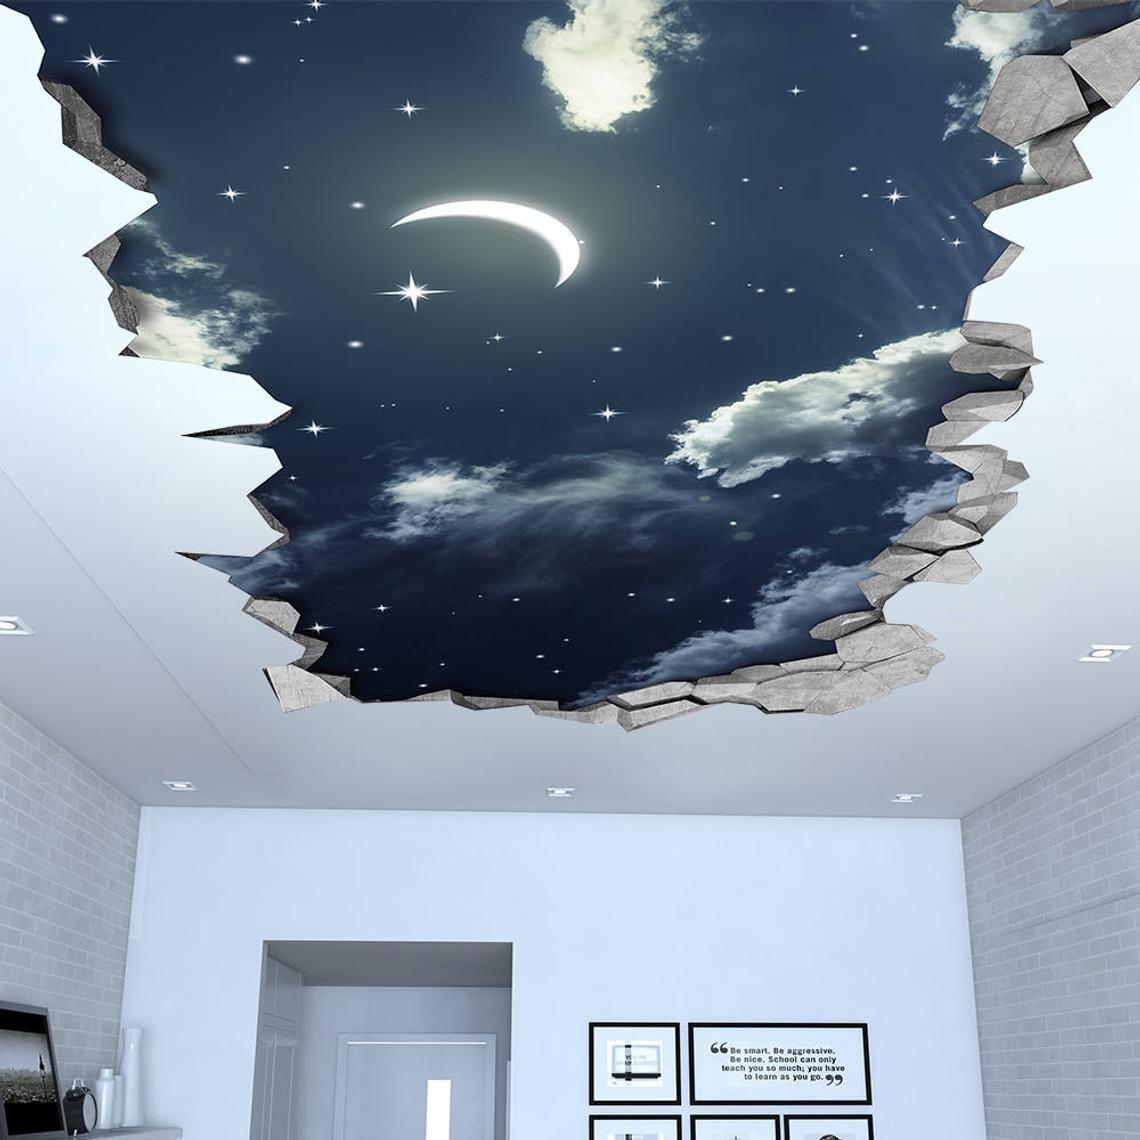 Night Sky 3d Effect Ceiling 3d Wallpaper 3d Wall Decals 3d Printed 3d Wall Art 3d Art Wall Sticker Wall Decal Sku Nsc3dw 3d Wall Decals 3d Wall Art Playful Decor 3d wallpaper designs for ceiling